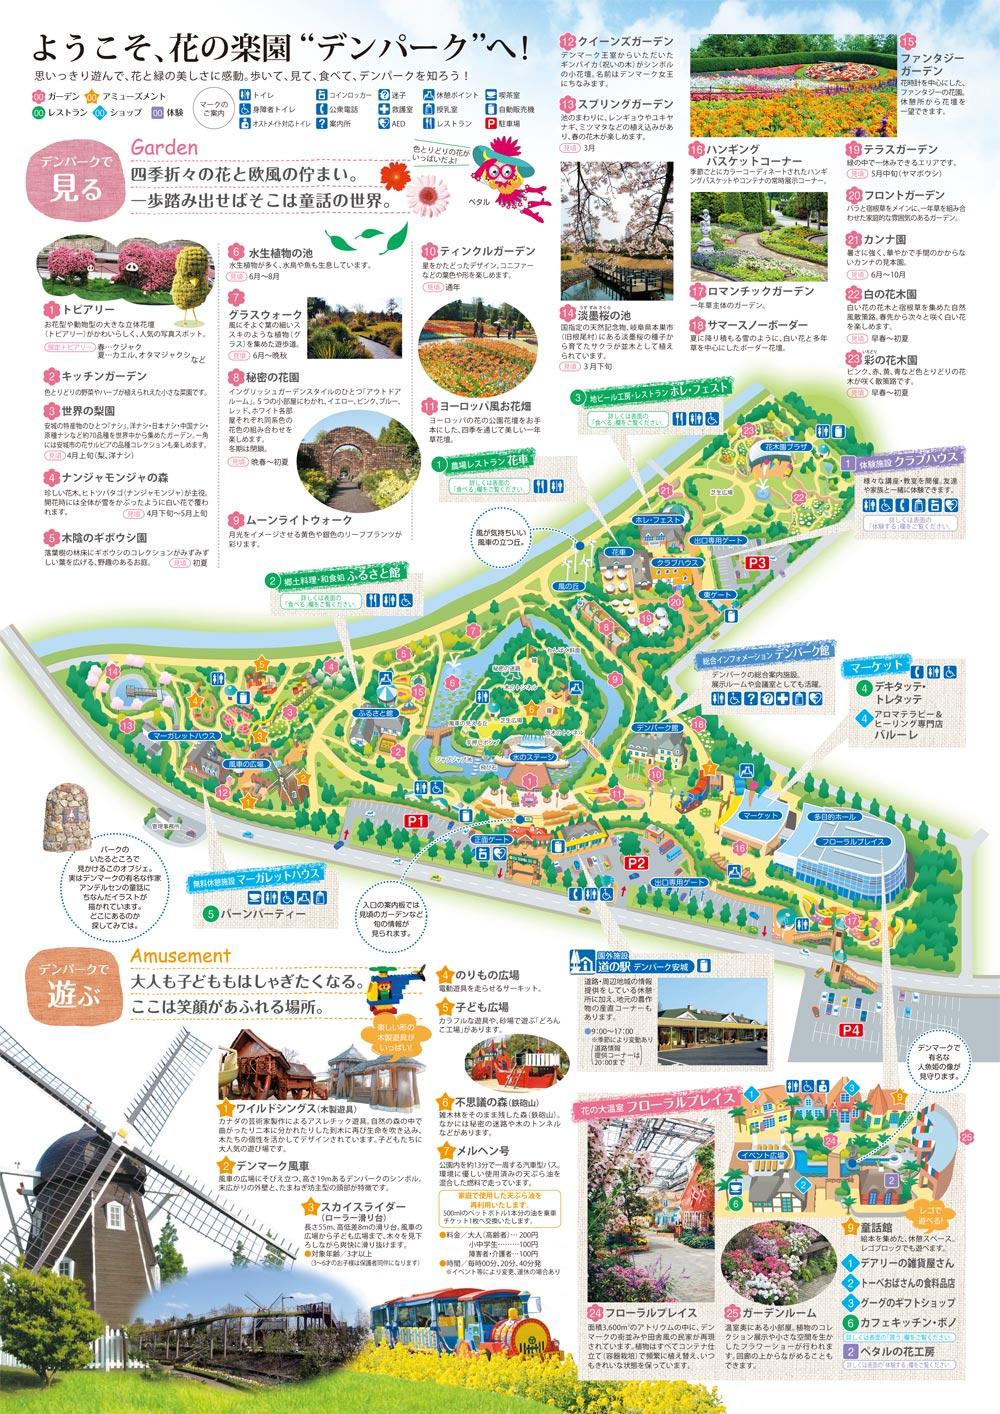 安城産業文化公園デンパーク 紹介ページ